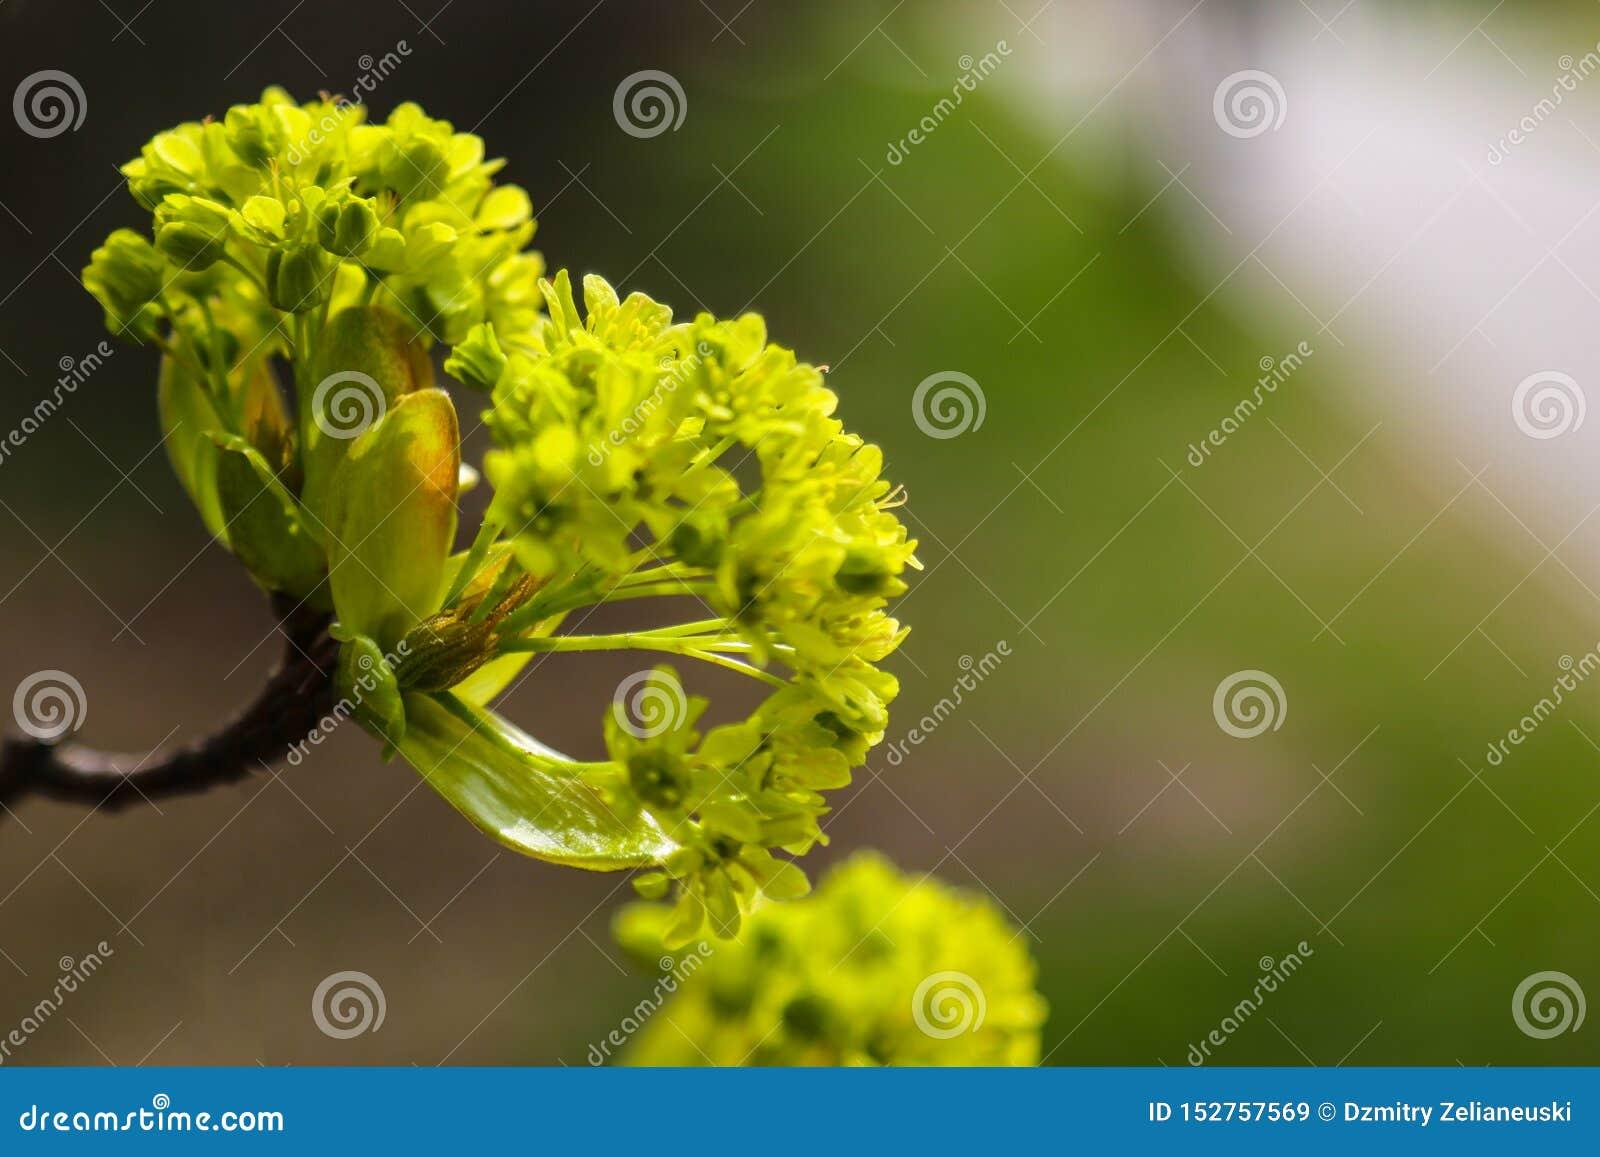 Молодые заводы ветви весной или лето в солнце, предпосылка природы